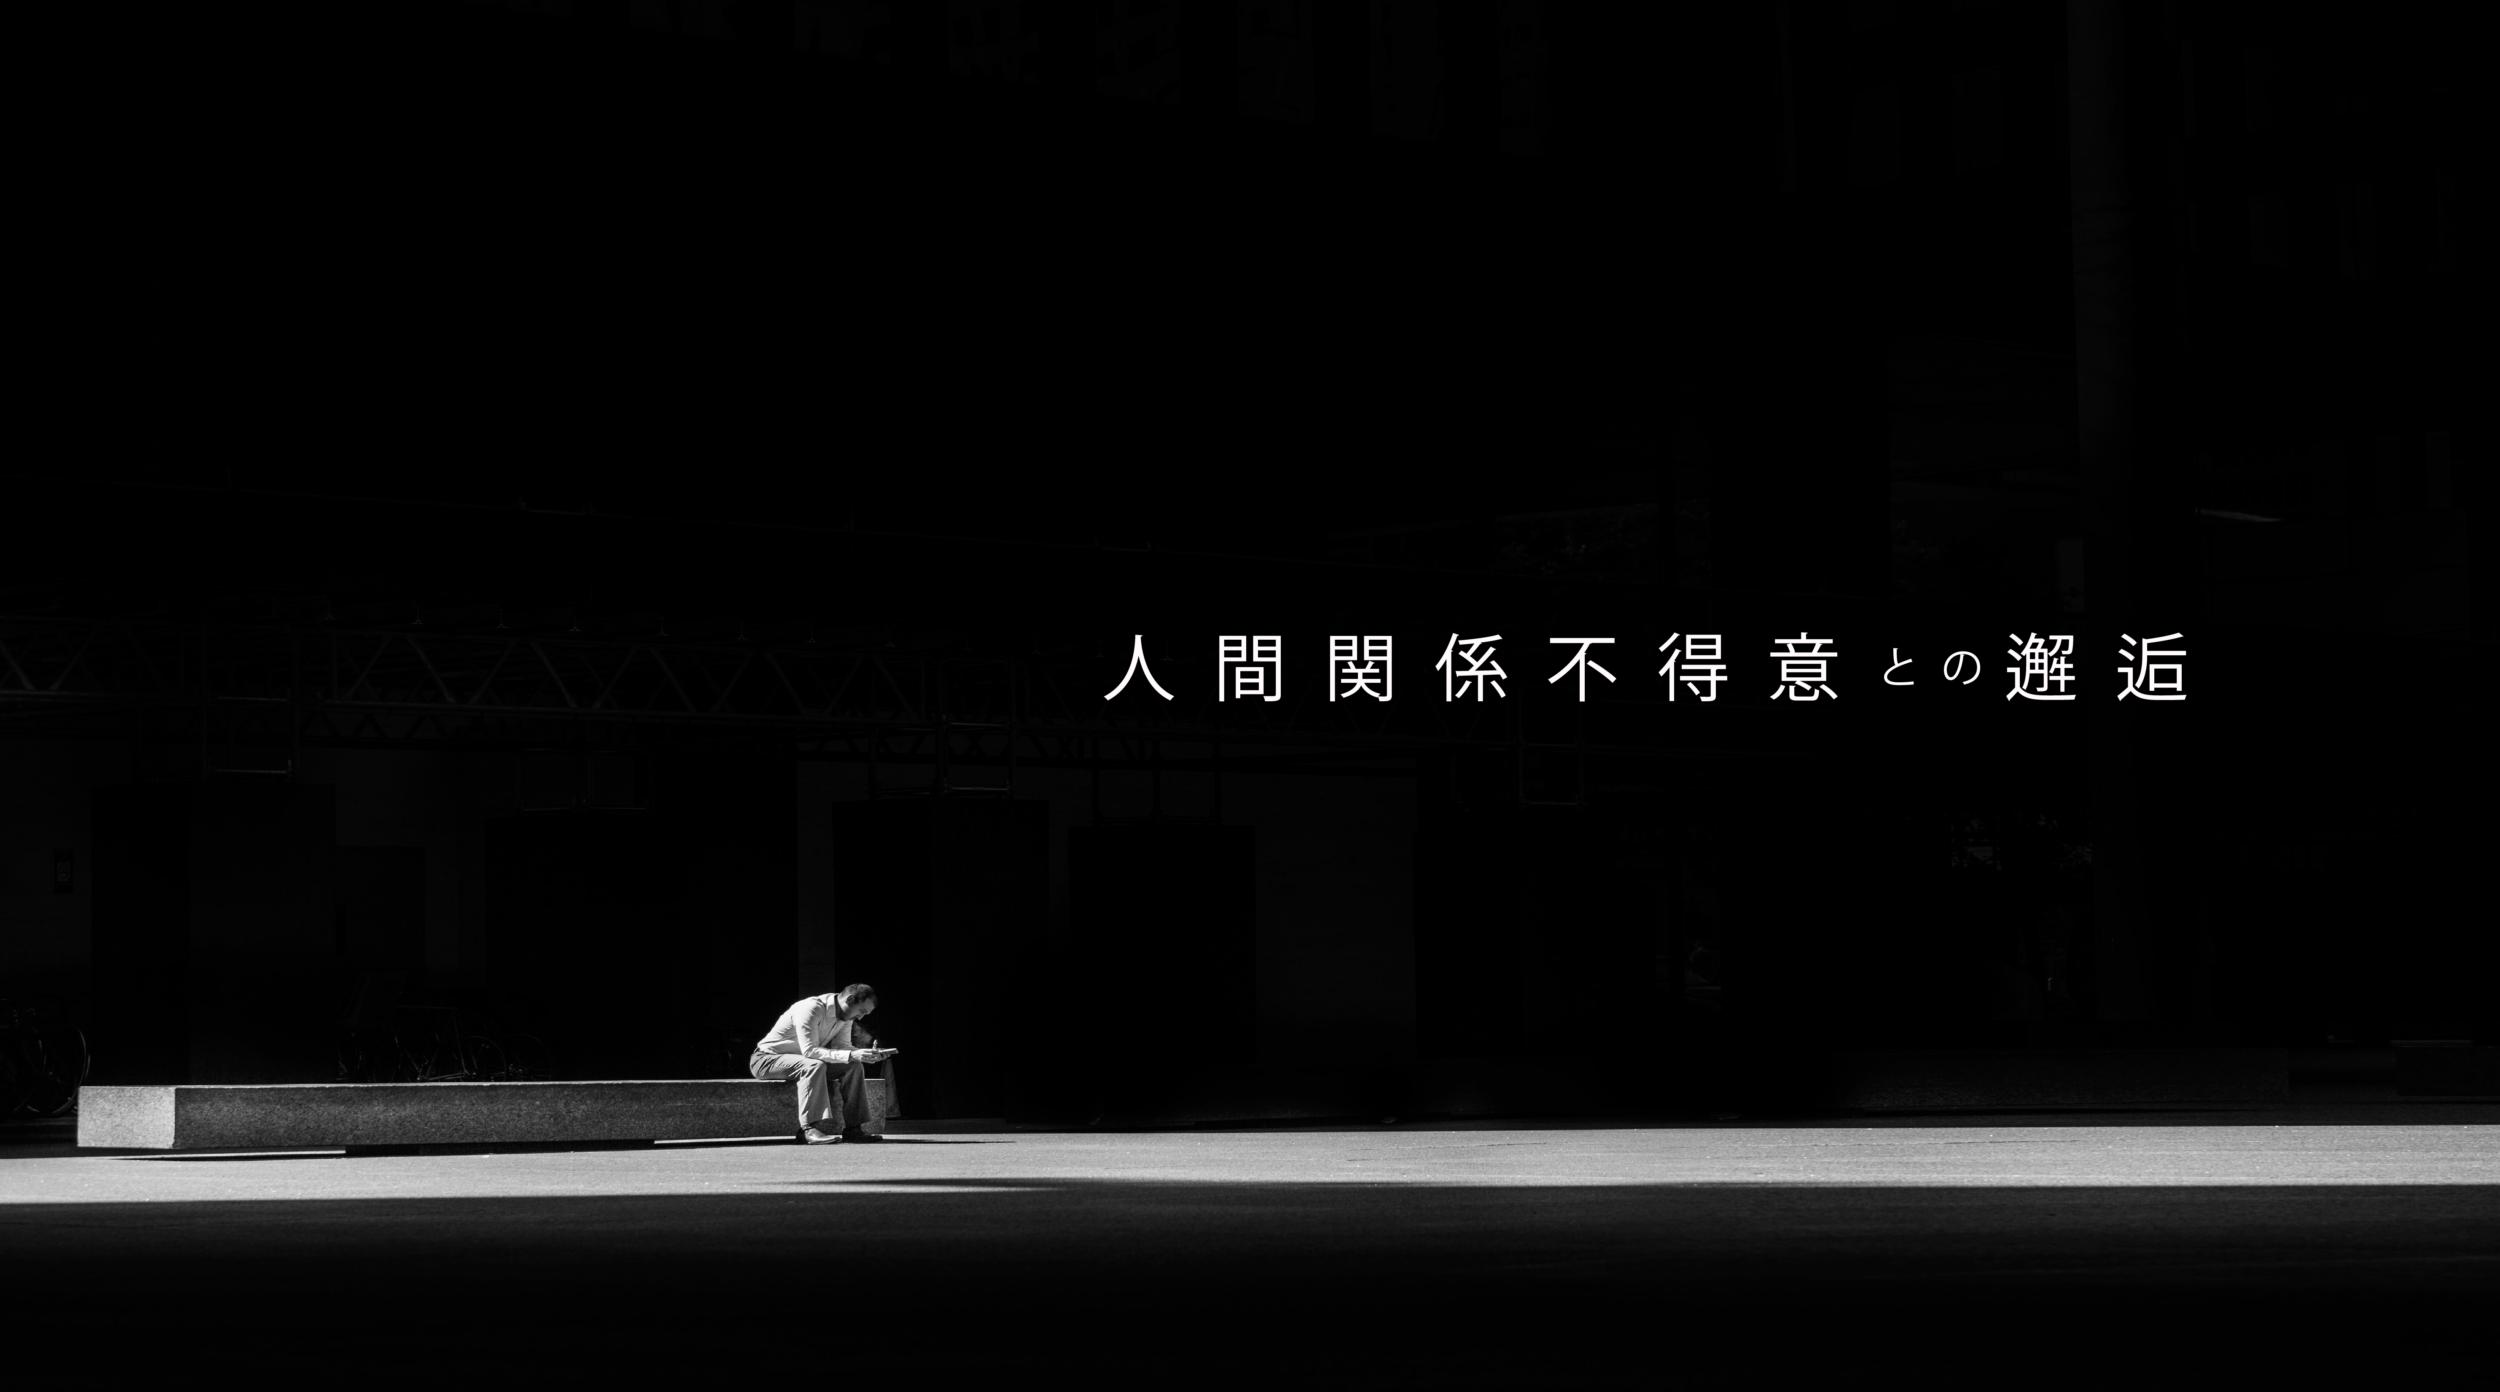 人間関係不得意との邂逅 オードリー若林正恭『社会人大学人見知り学部卒業見込み』 | WLUCK PARK -ワラックパーク- | ワラパー | 芸人が集まるWEBメディア